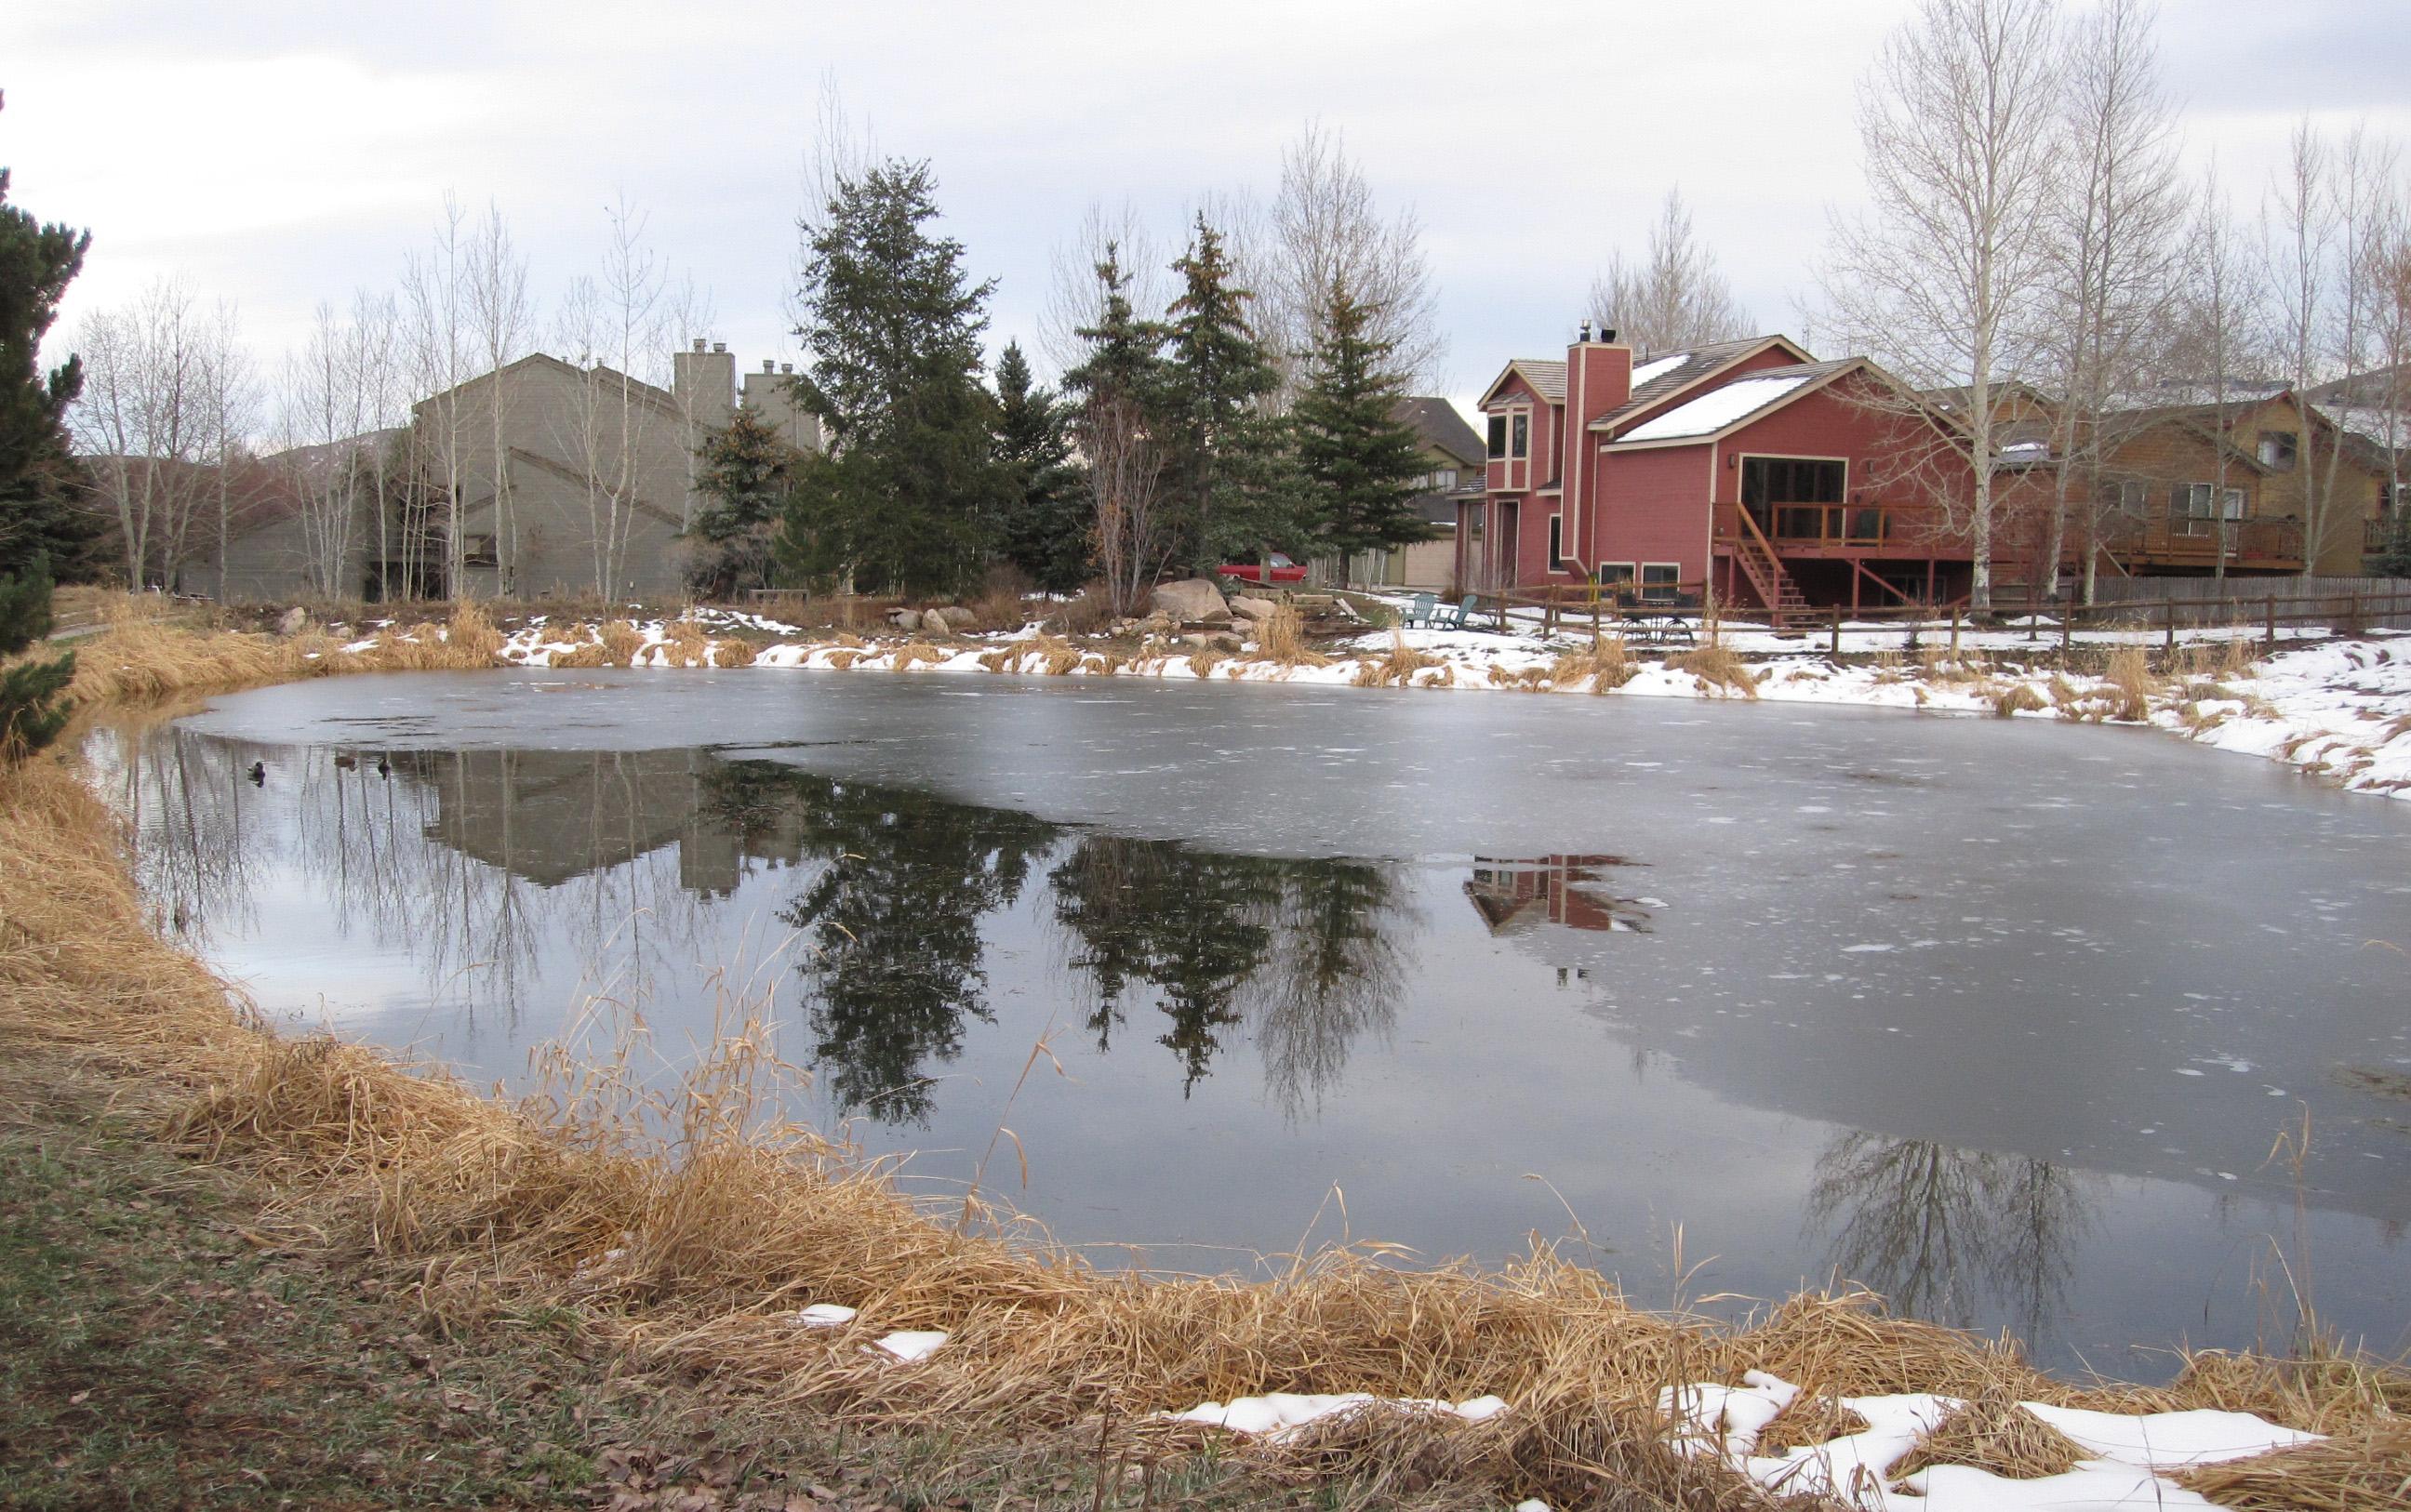 загородная недвижимость ло, загородный дом у воды